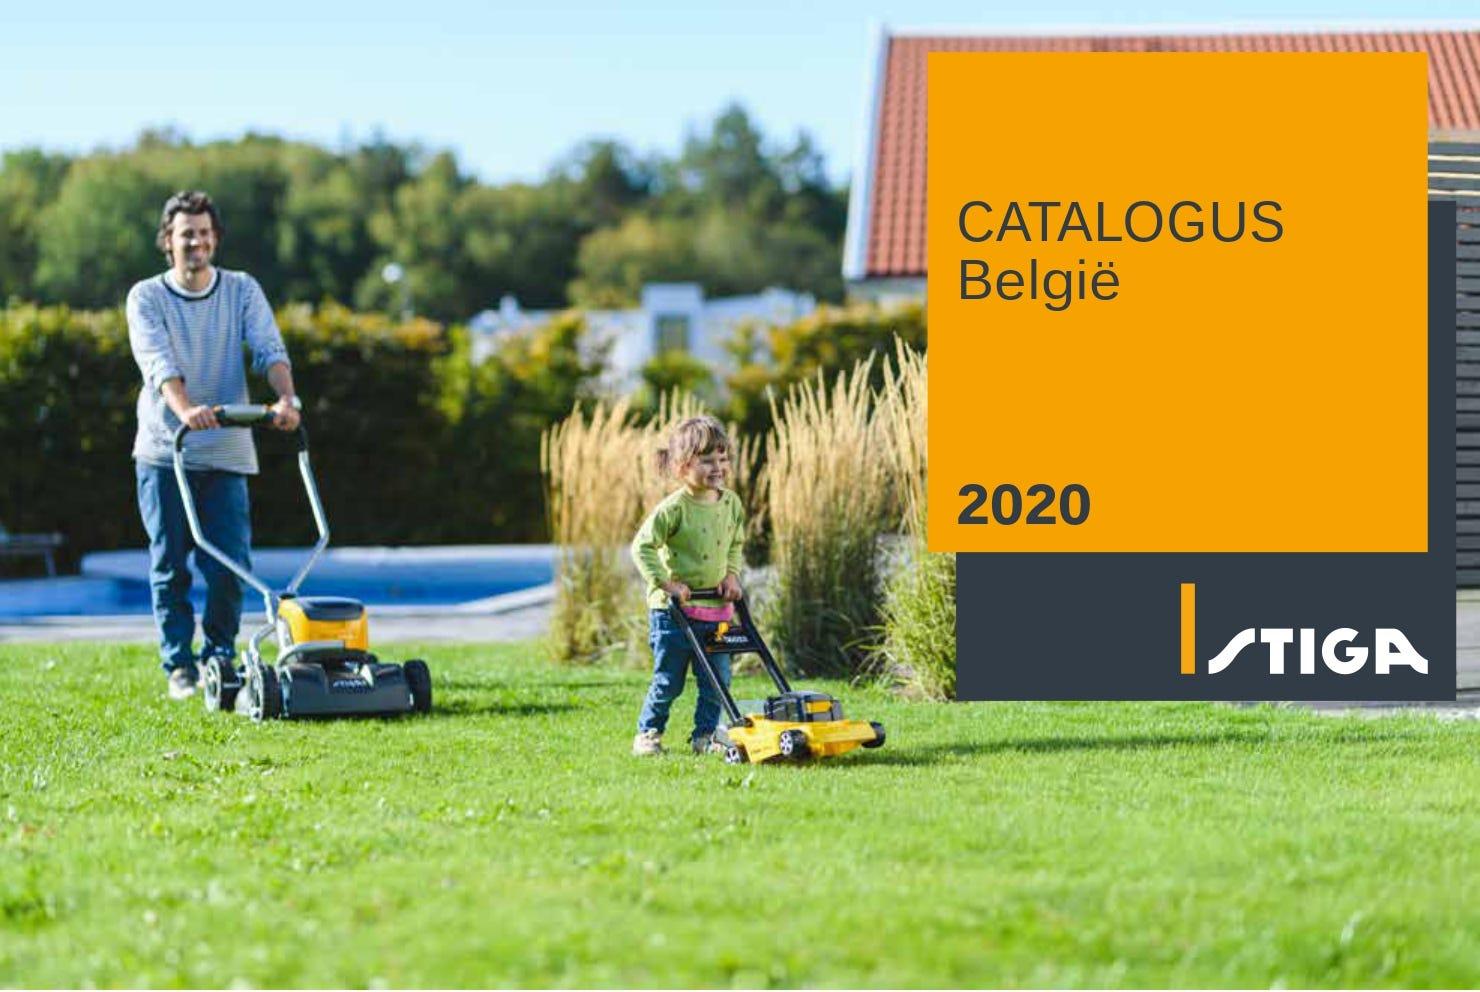 catalogus-2020-stiga-belgie